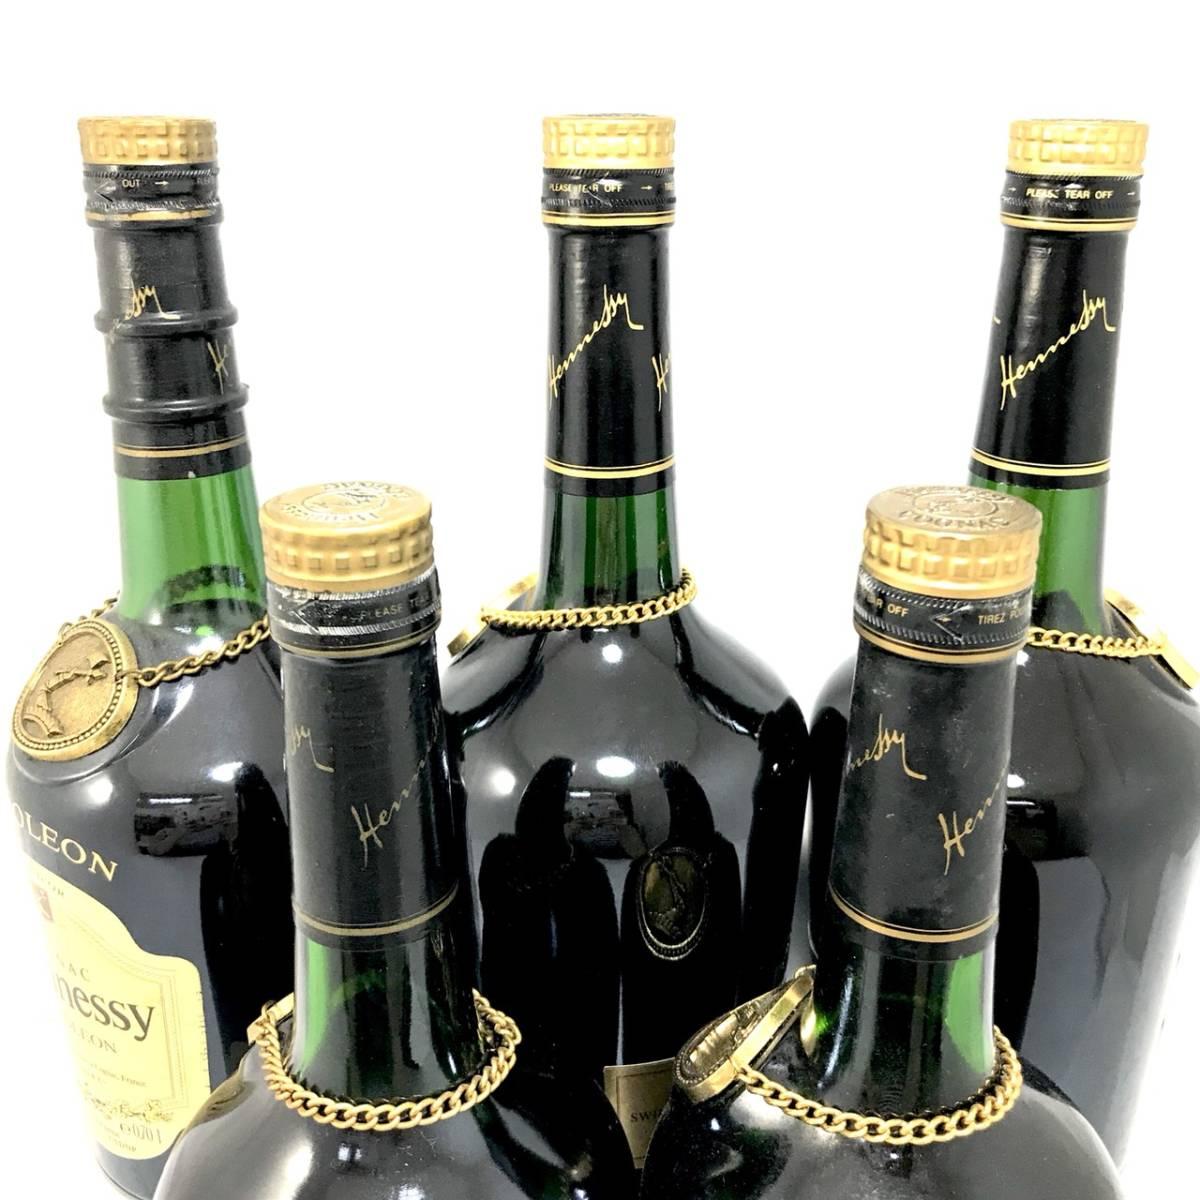 古酒 - Hennessy NAPOLEON BRASD'OR/ヘネシー ナポレオン ブラスドール 16本セット 700ml 40% ブランデー コニャック 未開栓_画像4